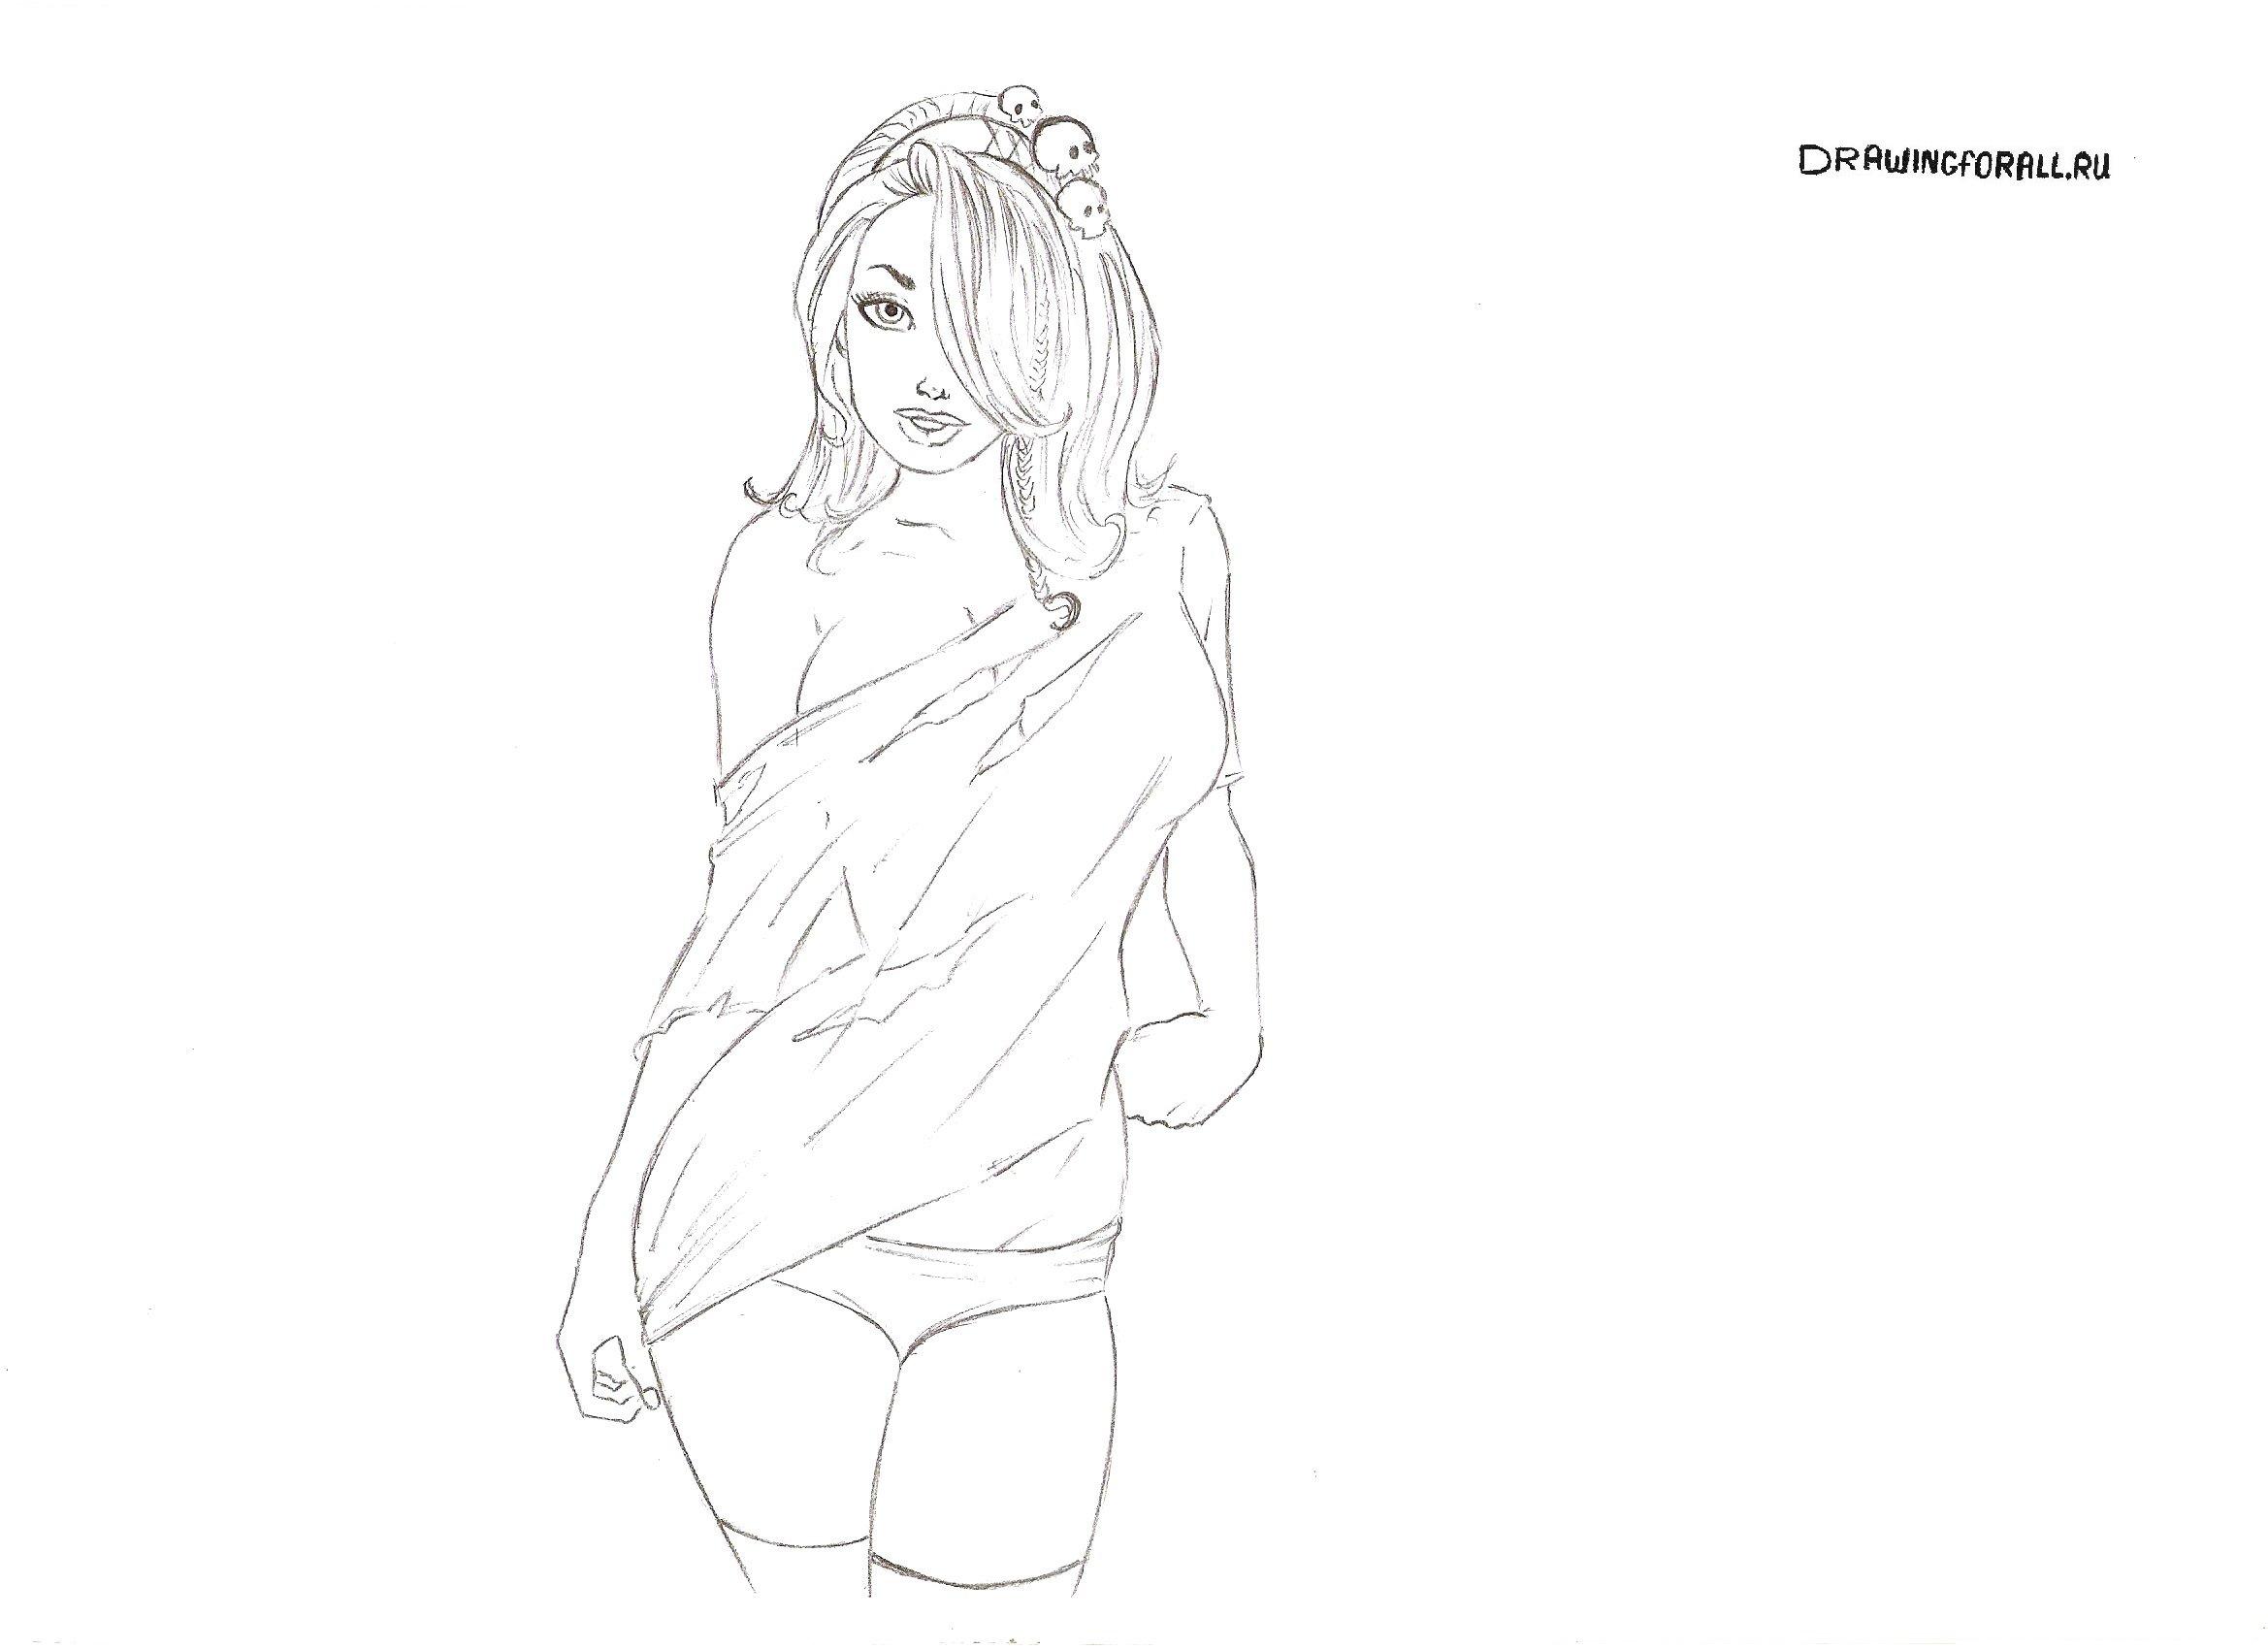 Как нарисовать эротическую девушку — photo 14